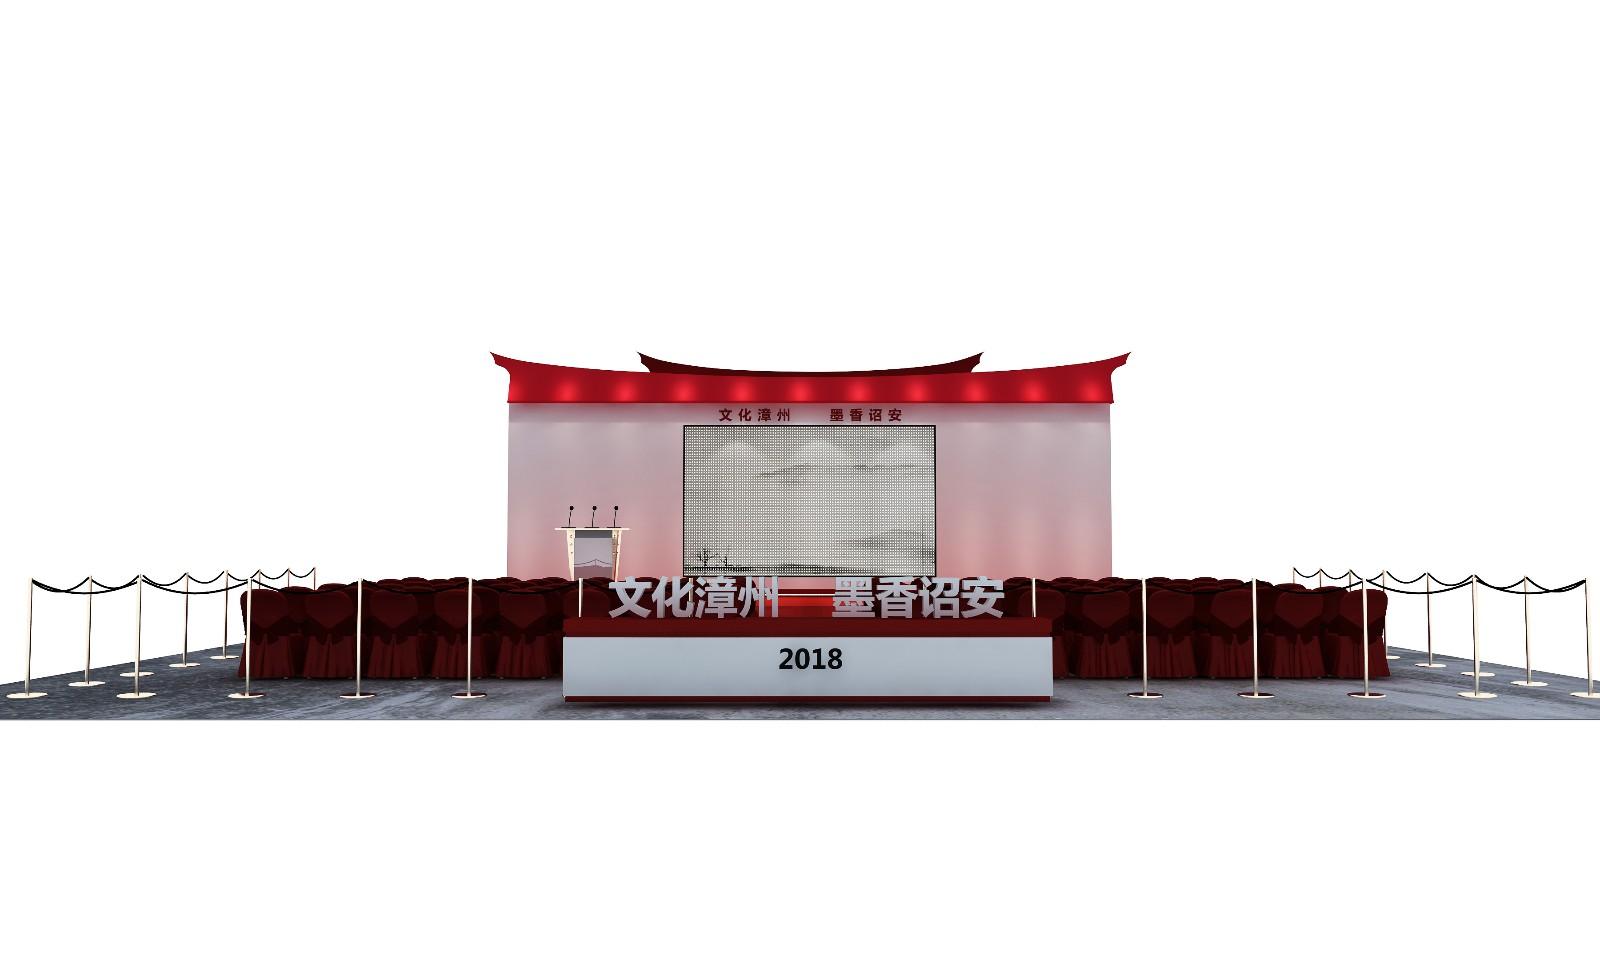 文化漳州 墨香诏安|艺术展板-厦门市嘉维世纪会展服务有限公司